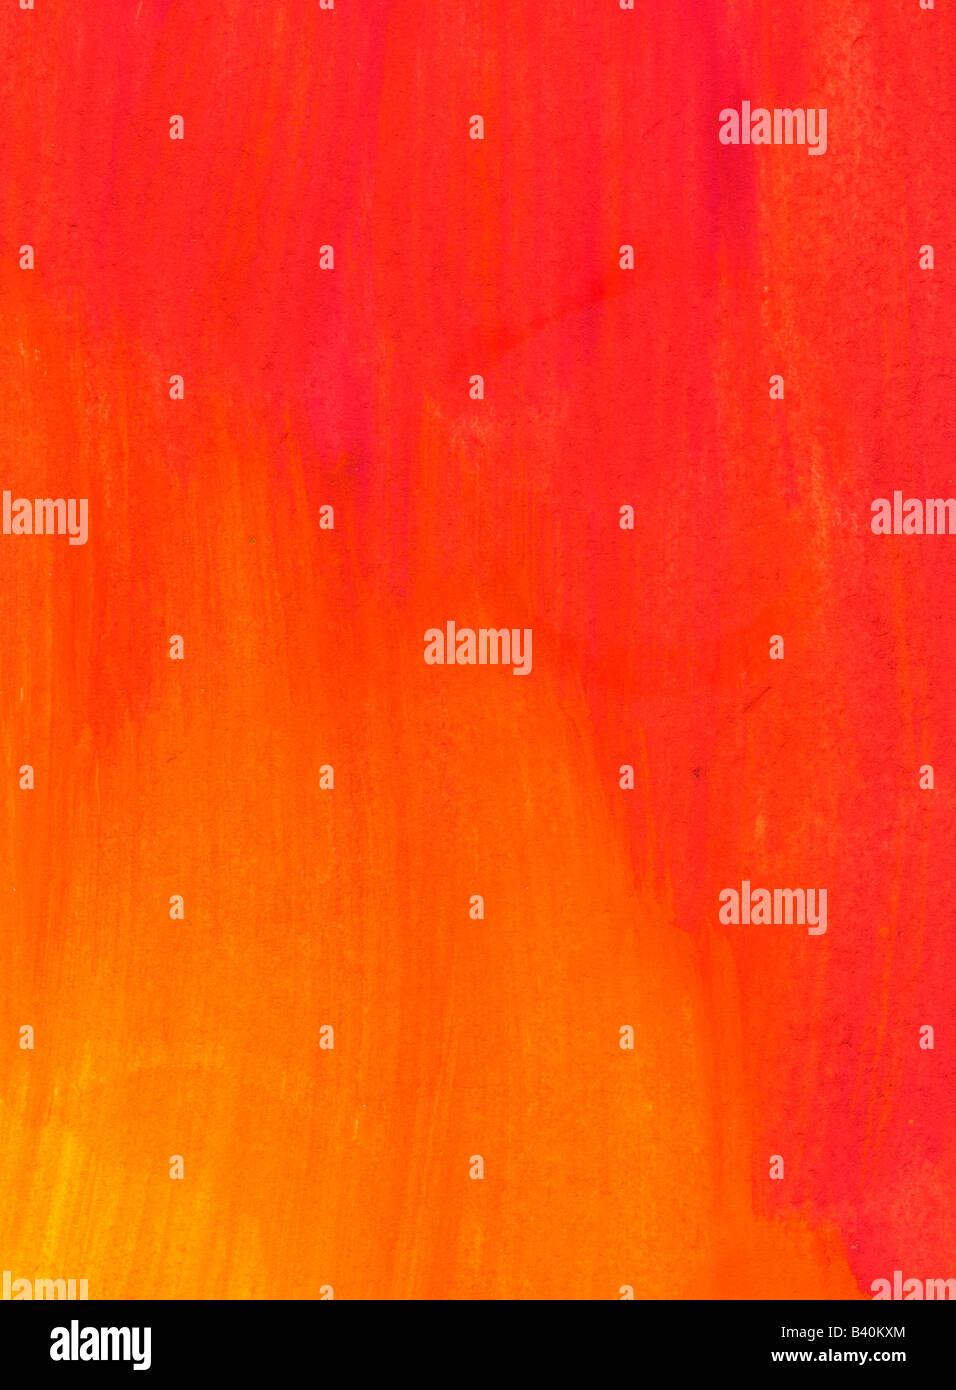 Rojo y naranja lavar acuarela antecedentes Imagen De Stock